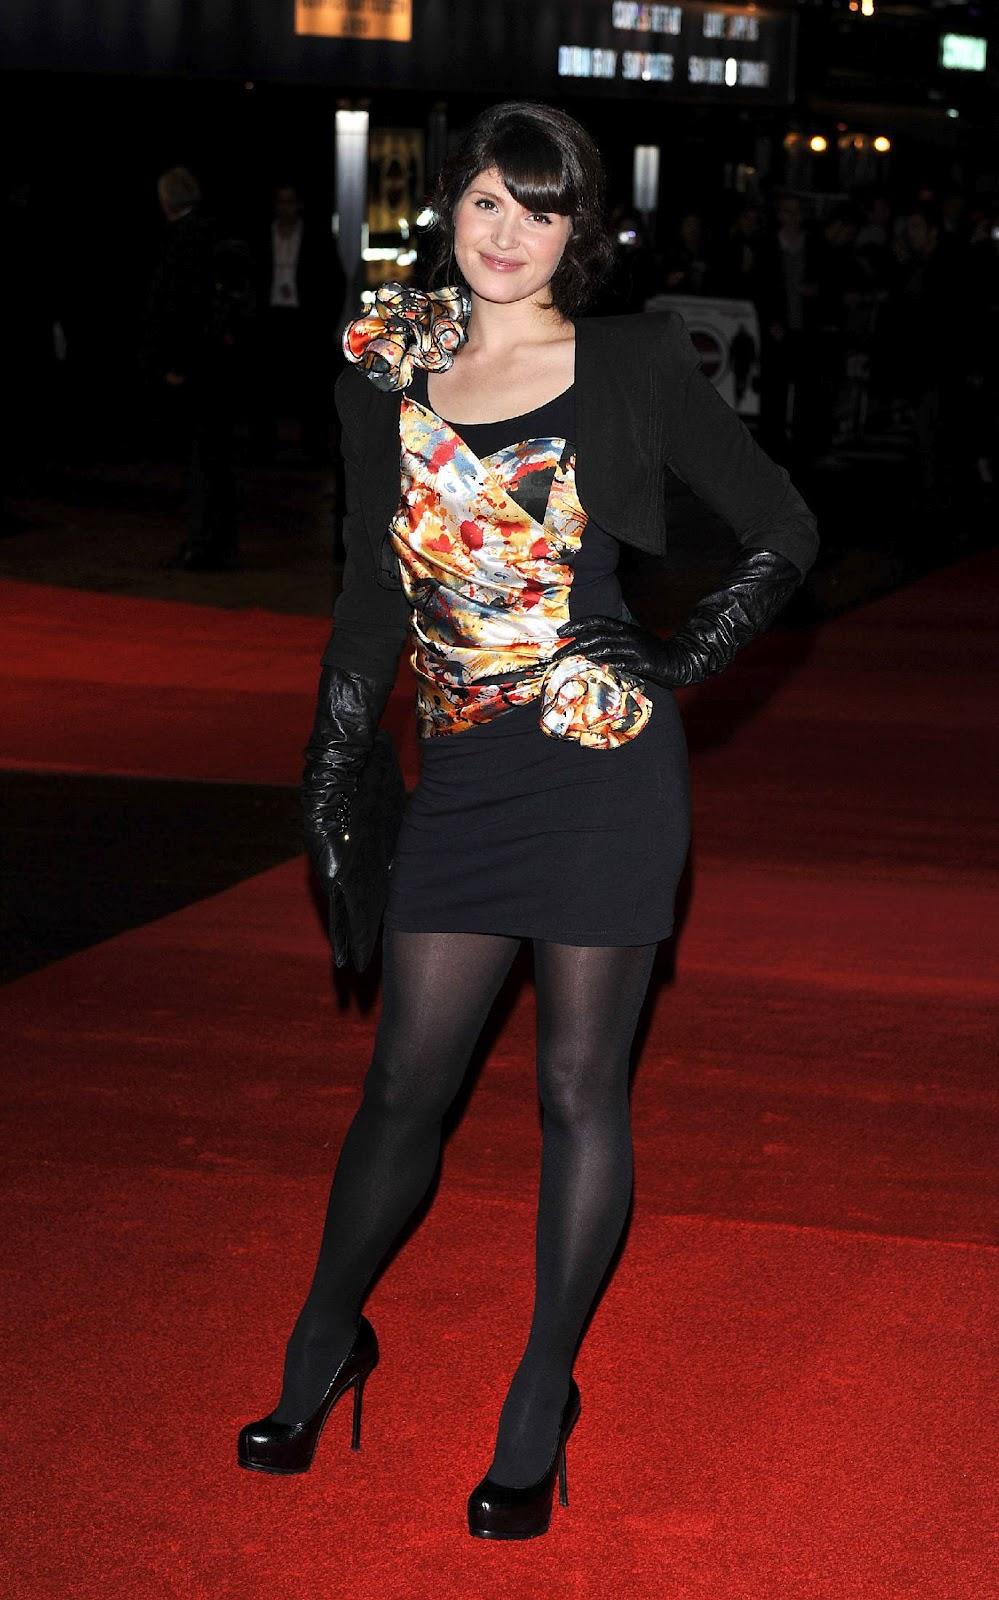 Lexi belle black stockings